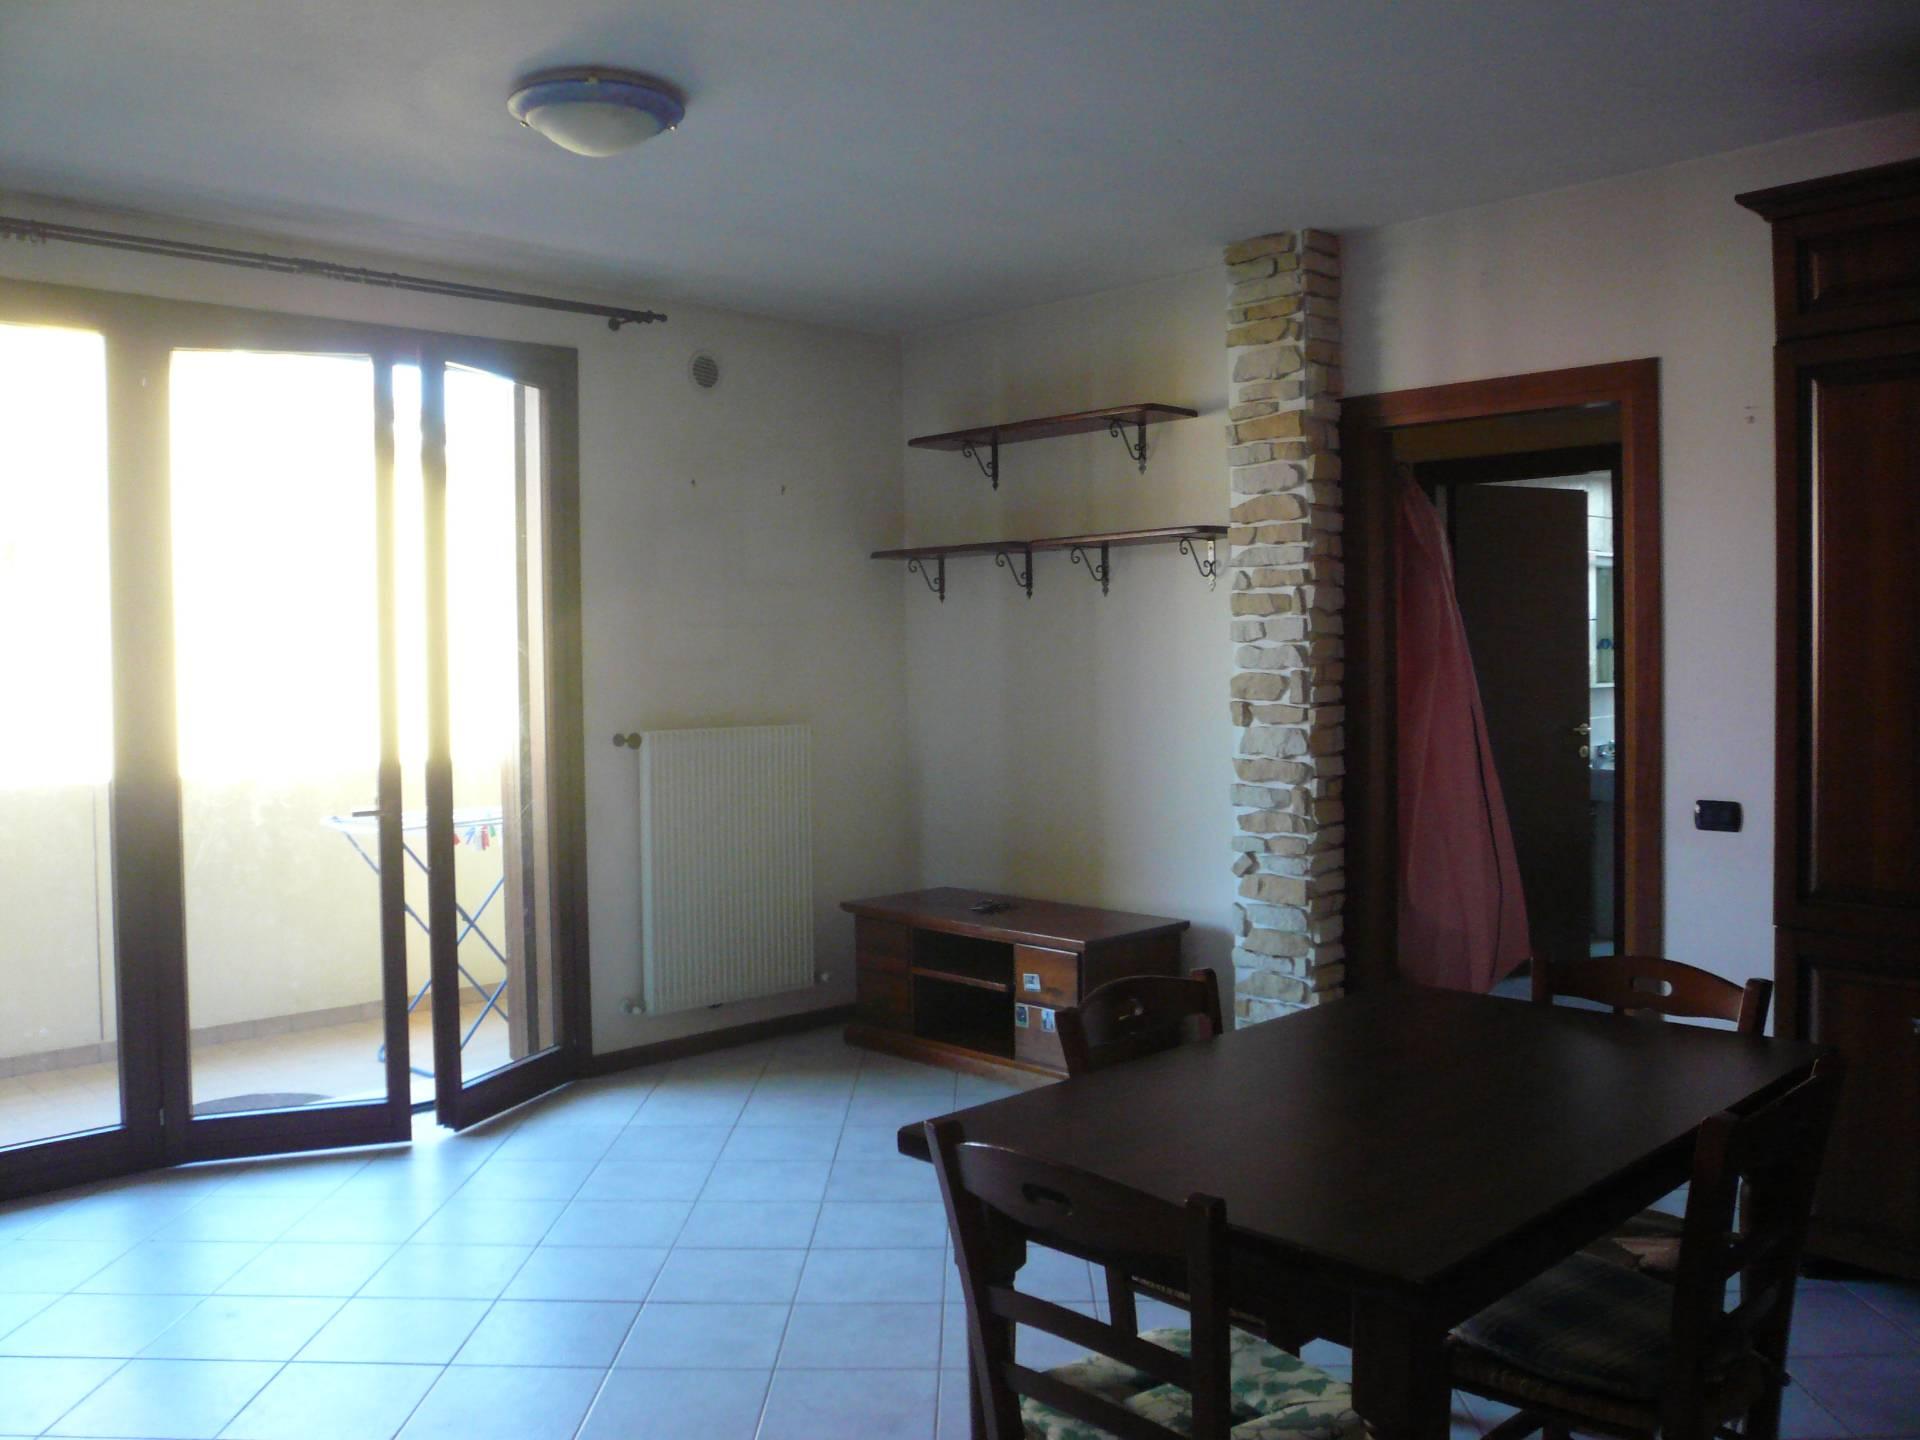 Appartamento in vendita a Casier, 5 locali, zona Località: Centro, prezzo € 120.000 | Cambio Casa.it